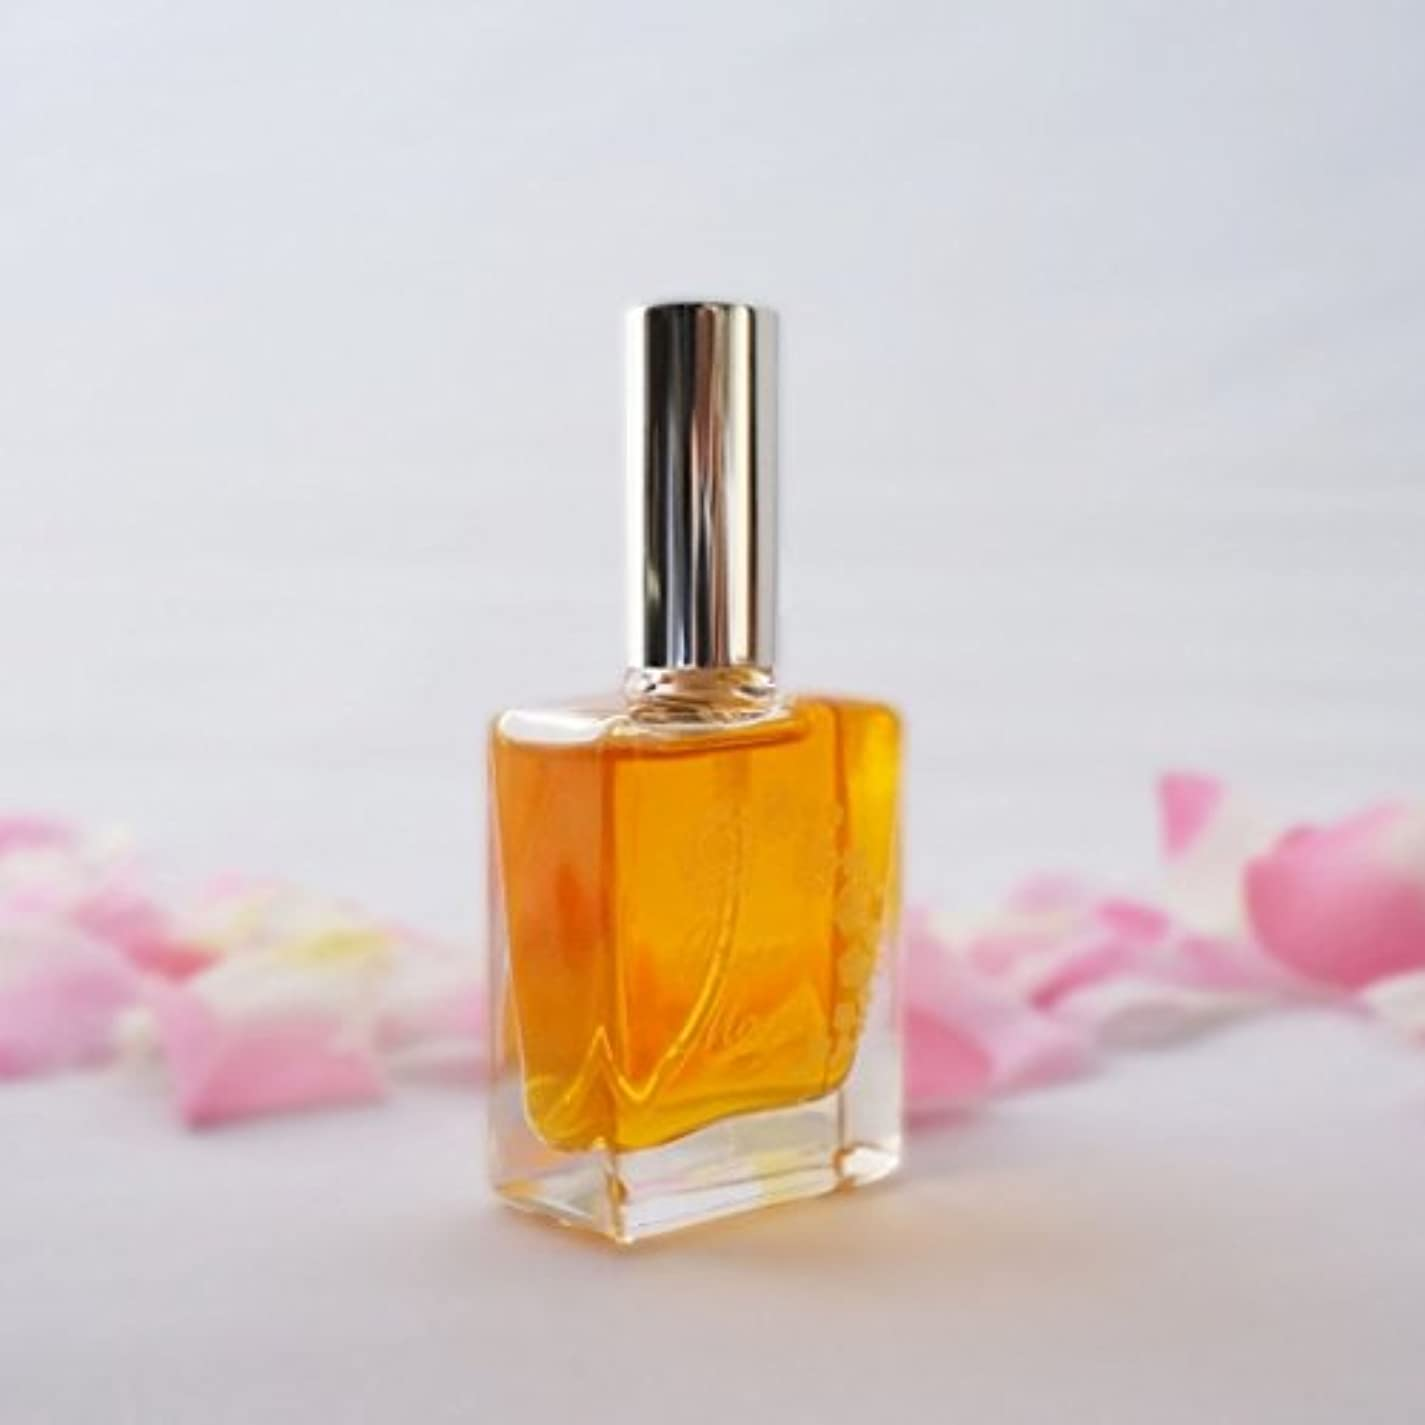 誰でもせせらぎれんが本物のバラの香水 天然香料100% 合成香料無添加 ダマスクローズ (オードトワレ 30ml)